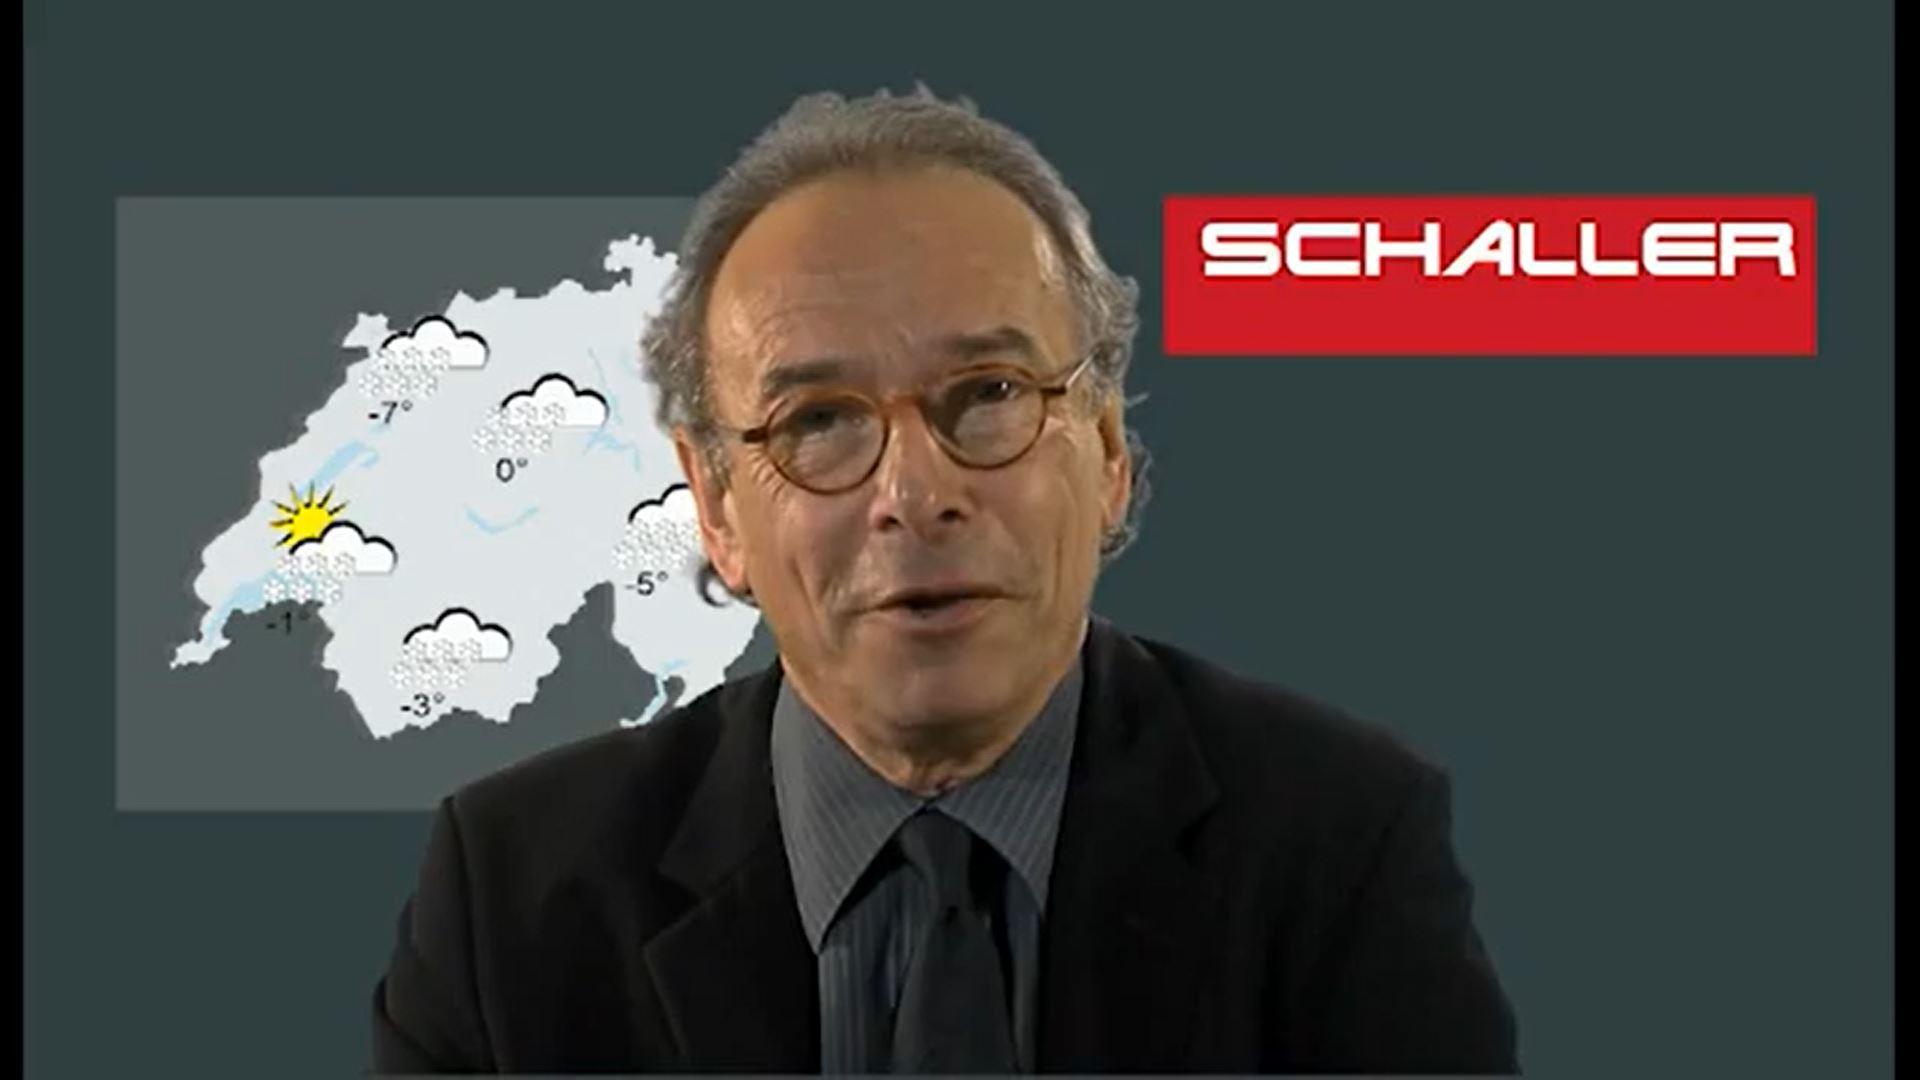 Pneu Schaller TV Spots - Finterwinke